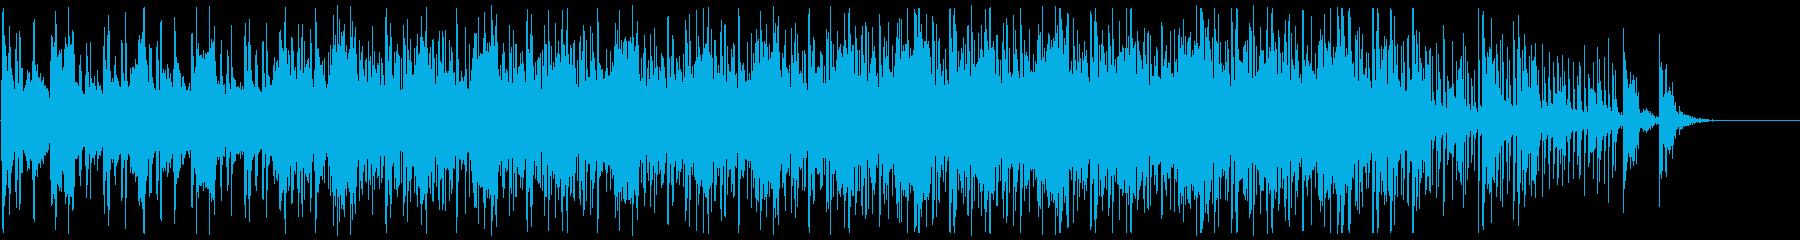 「ノスタルジー」「郷愁」を意識した楽曲の再生済みの波形